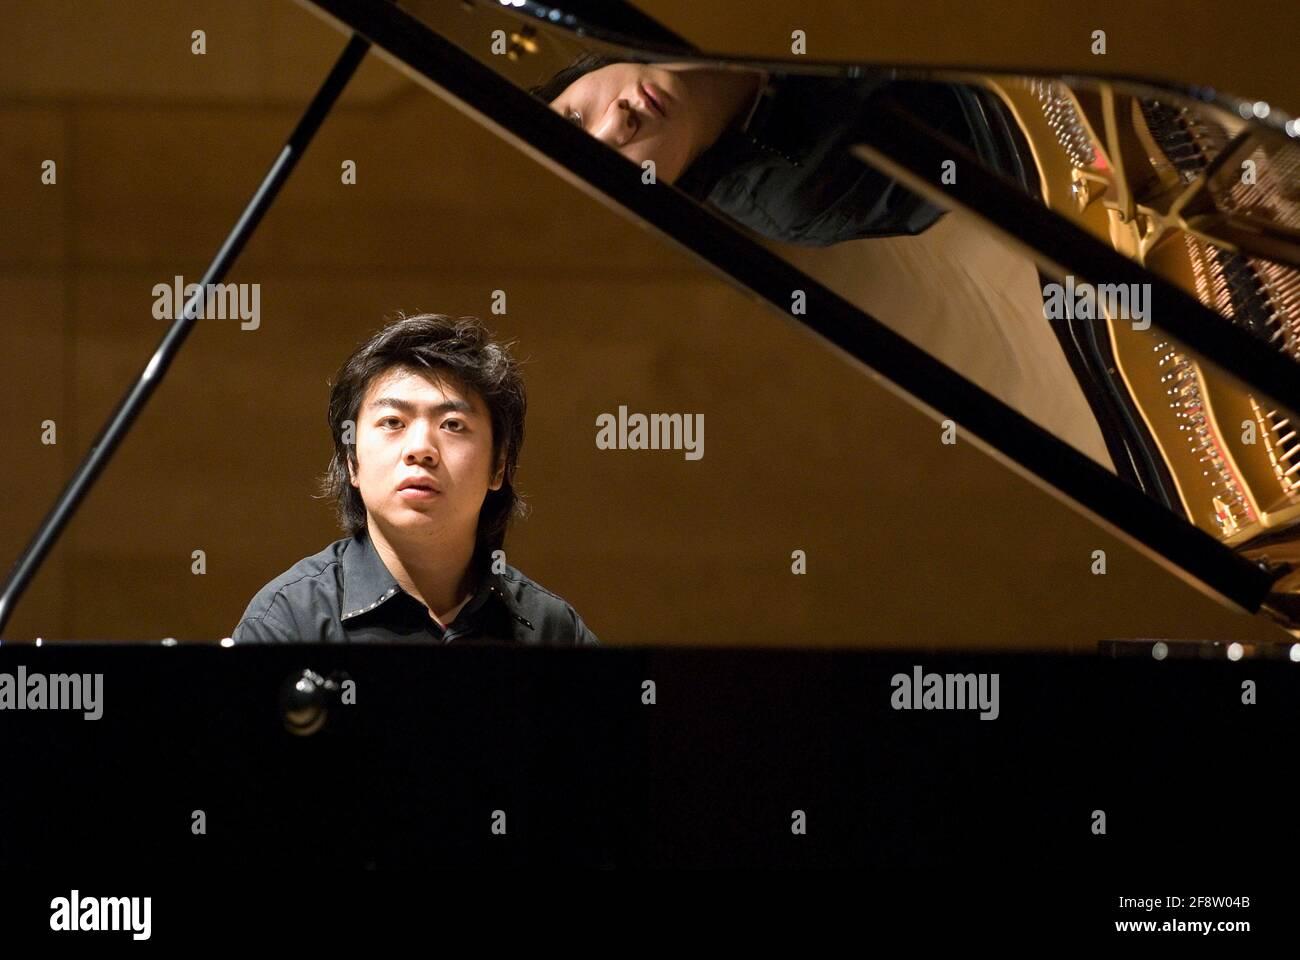 DEU, Deutschland, Ruhrgebiet, Essen, 10.02.2006: Der Pianist Lang Lang bei der Probe vor seinem Konzert in der Philharmonie Essen. [(c) Michael Kneffe Foto de stock